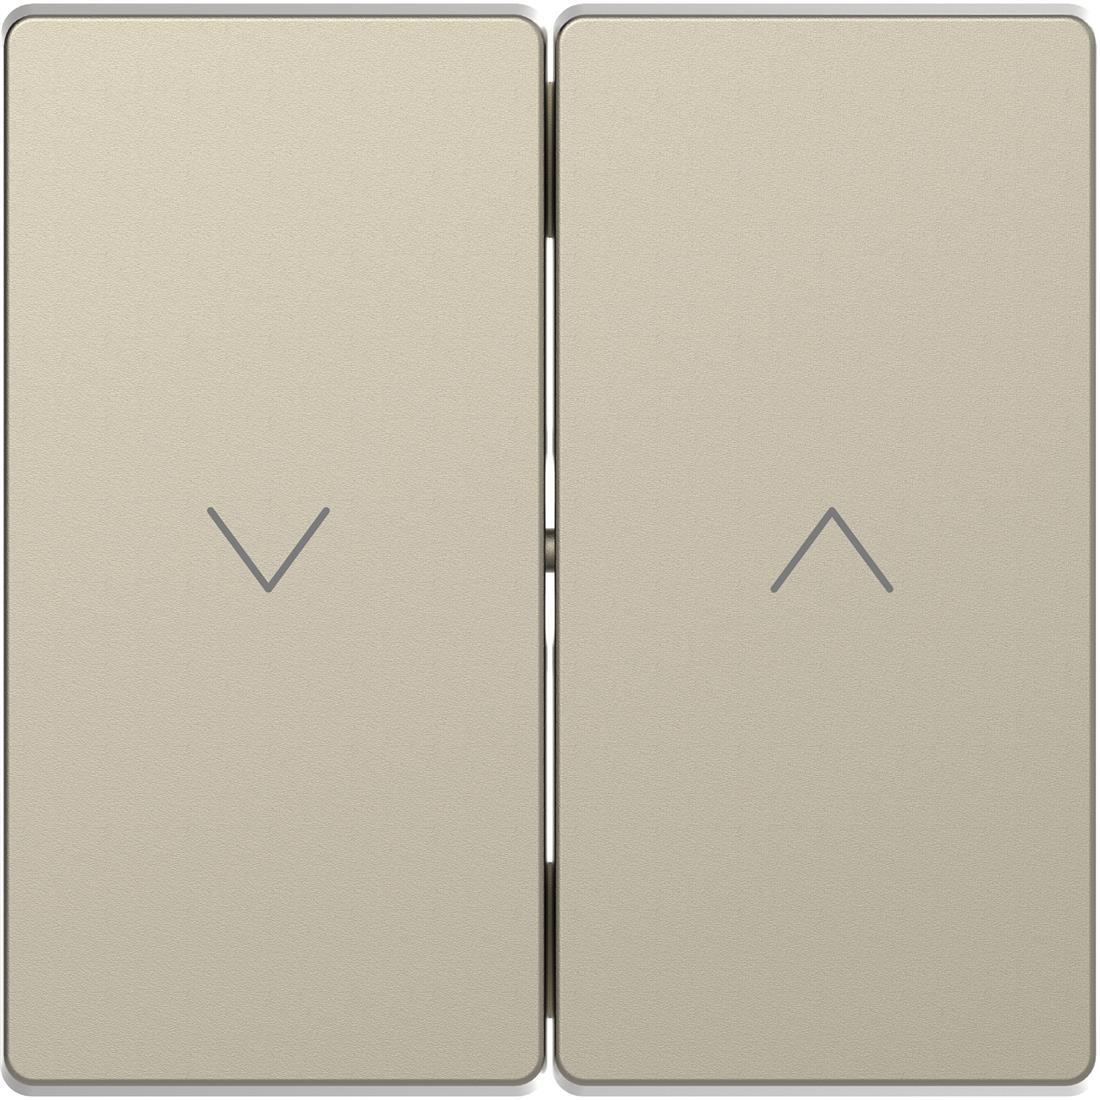 Schneider-Merten D Life seriewip voor jaloezieschakelaar - sahara (MTN3855-6033)